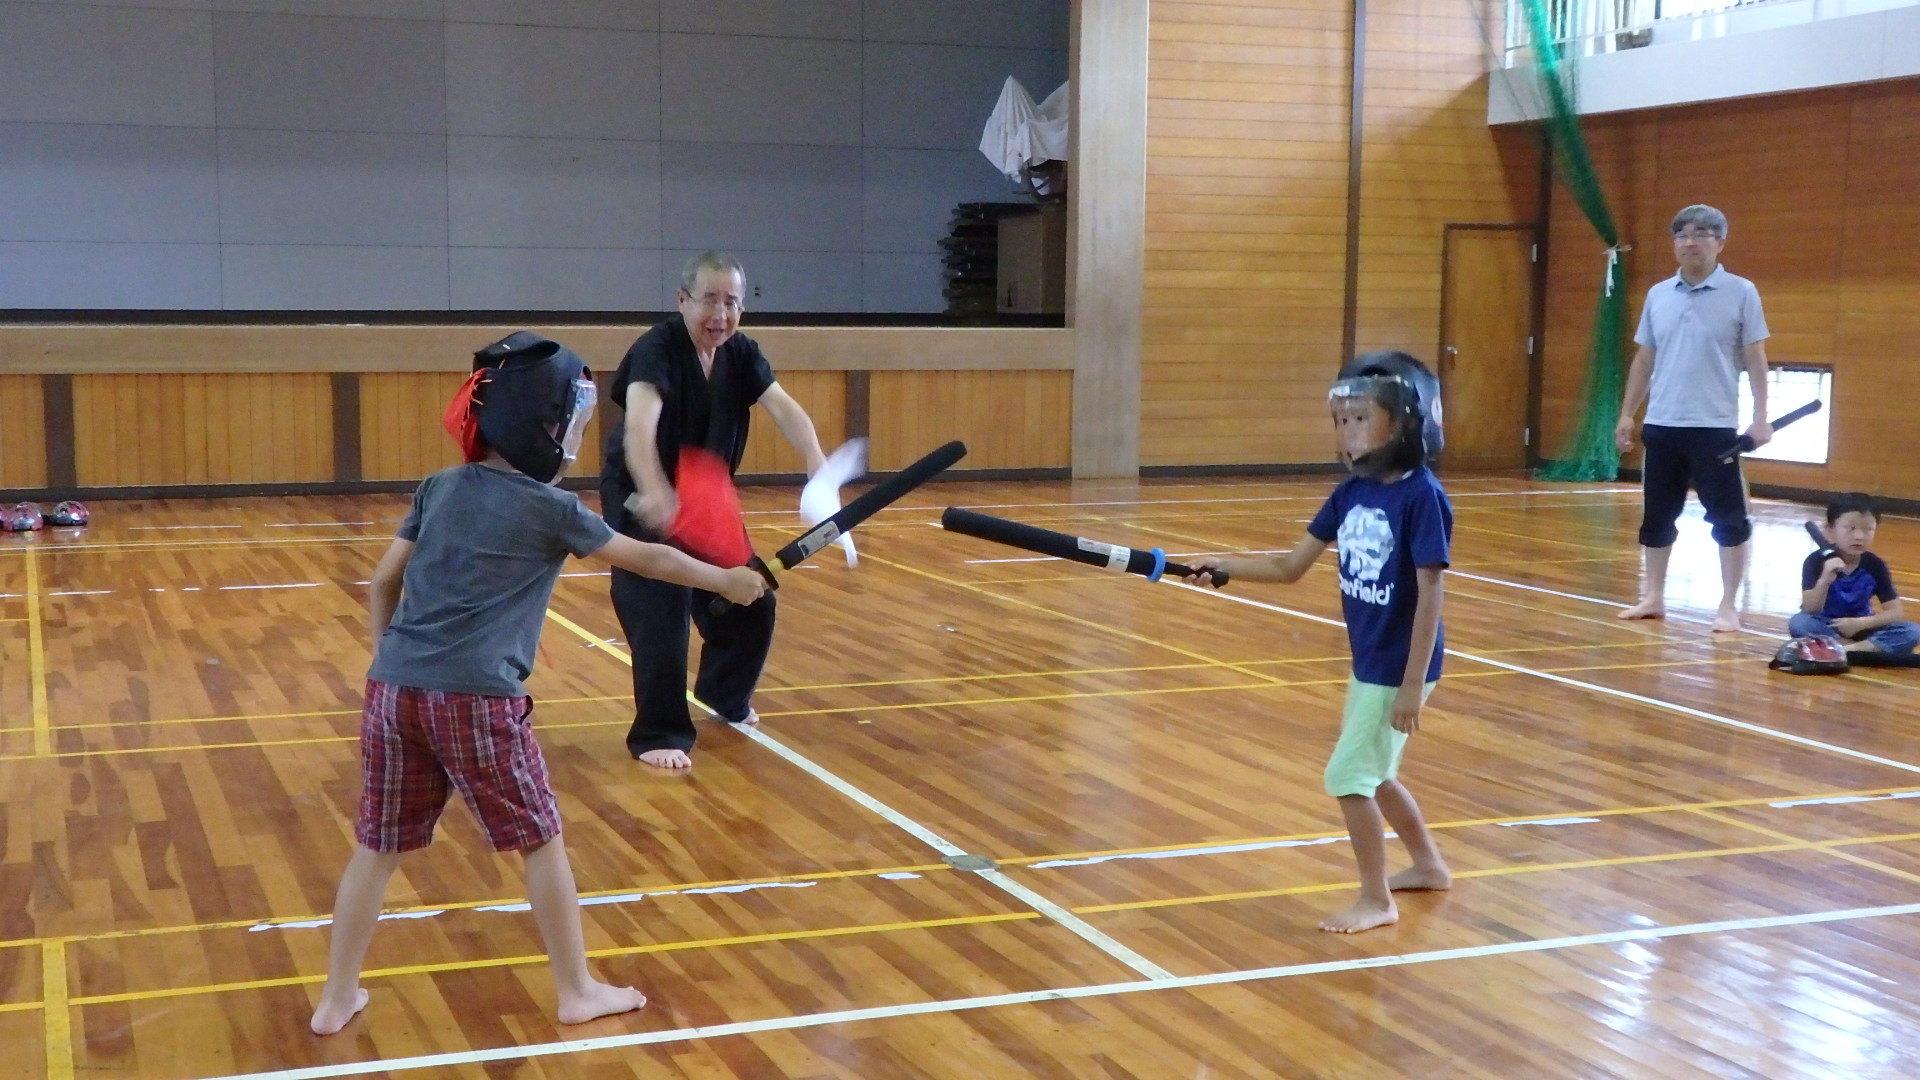 勇ましい剣士誕生!「スポーツチャンバラ + お楽しみ会」_b0239402_17033461.jpg